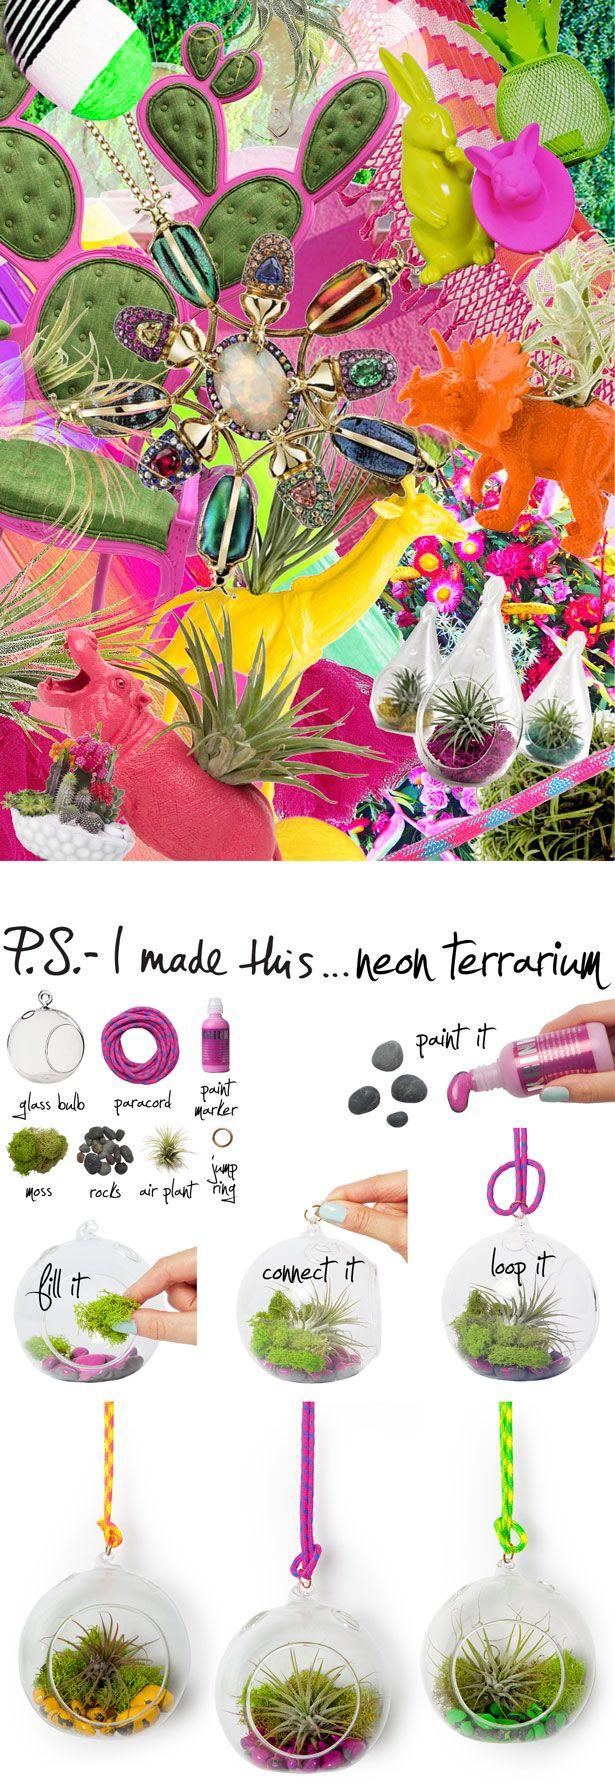 P.S.-I made this...Neon Terrarium  #PSIMADETHIS #DIY @MakersKit - DIY Project Kits - DIY Project Kits